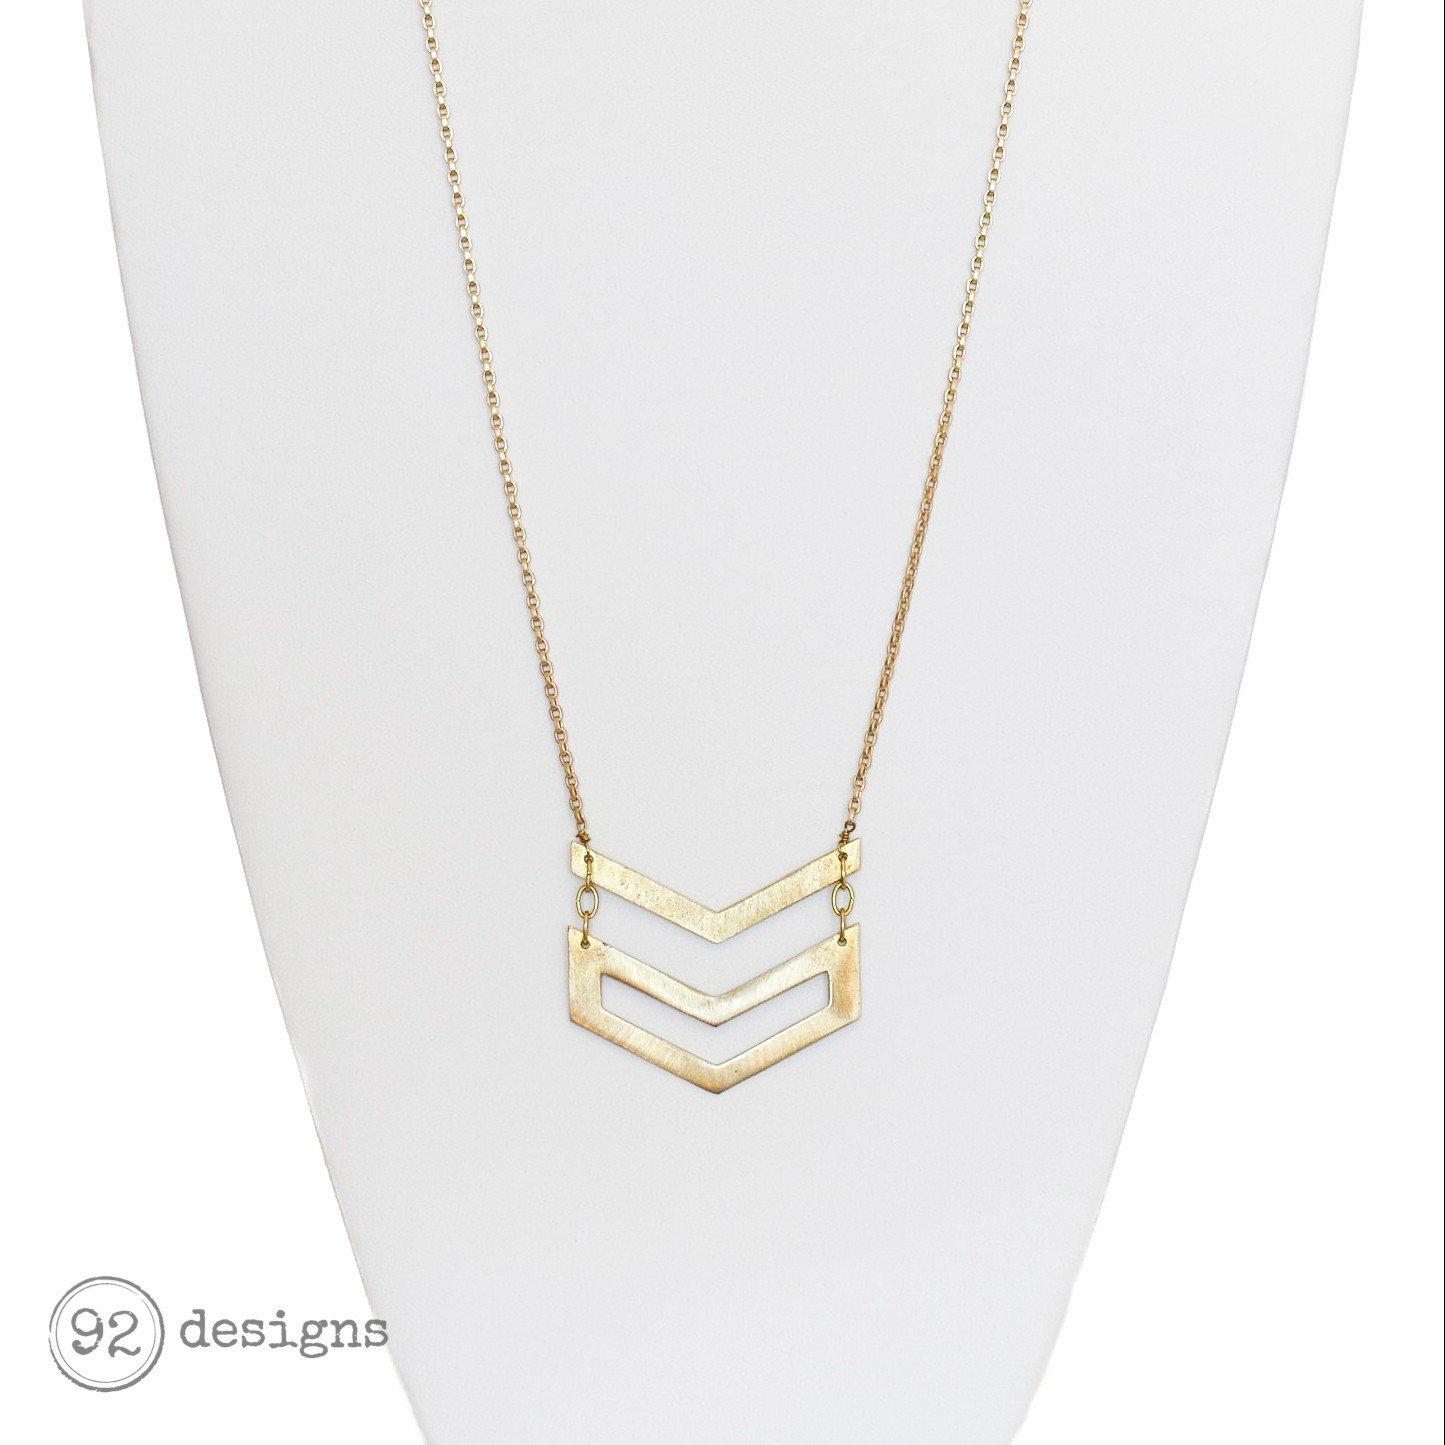 Double Chevron Necklace - Long